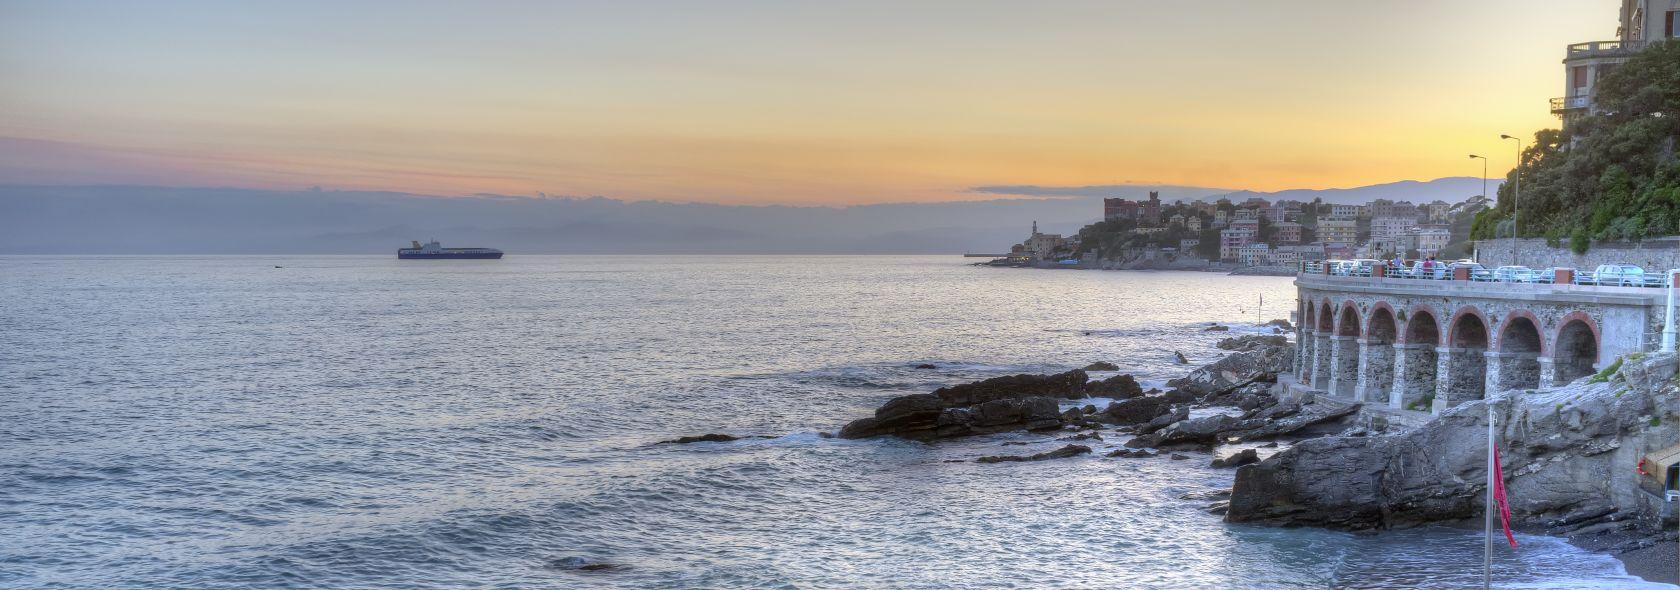 El mar y las playas: Quarto